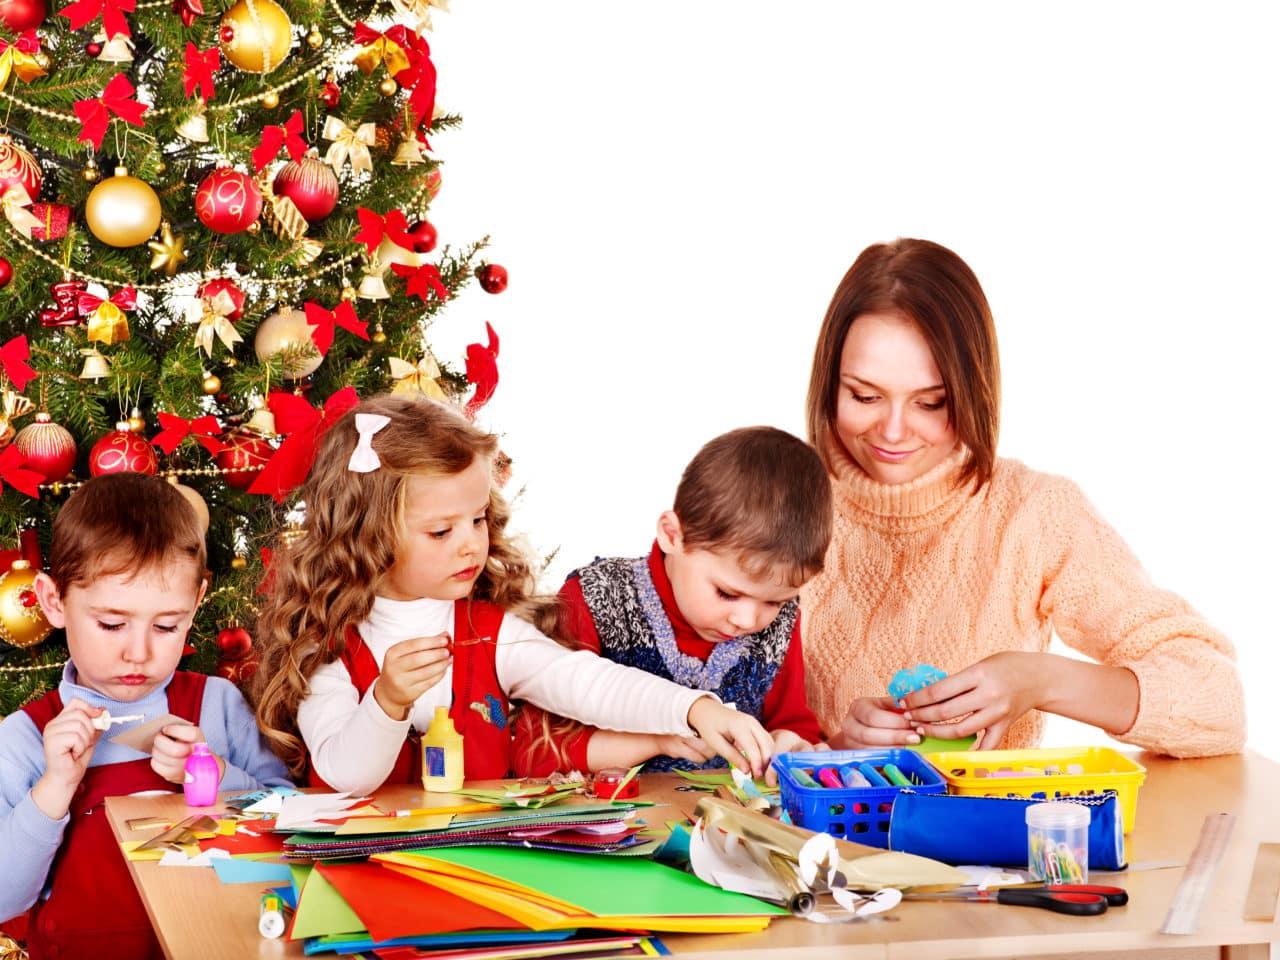 Lavoretti Di Natale Bambini 0 3 Anni.5 Lavoretti Per Il Natale Da Fare Con I Bambini Dell Asilo Nido 0